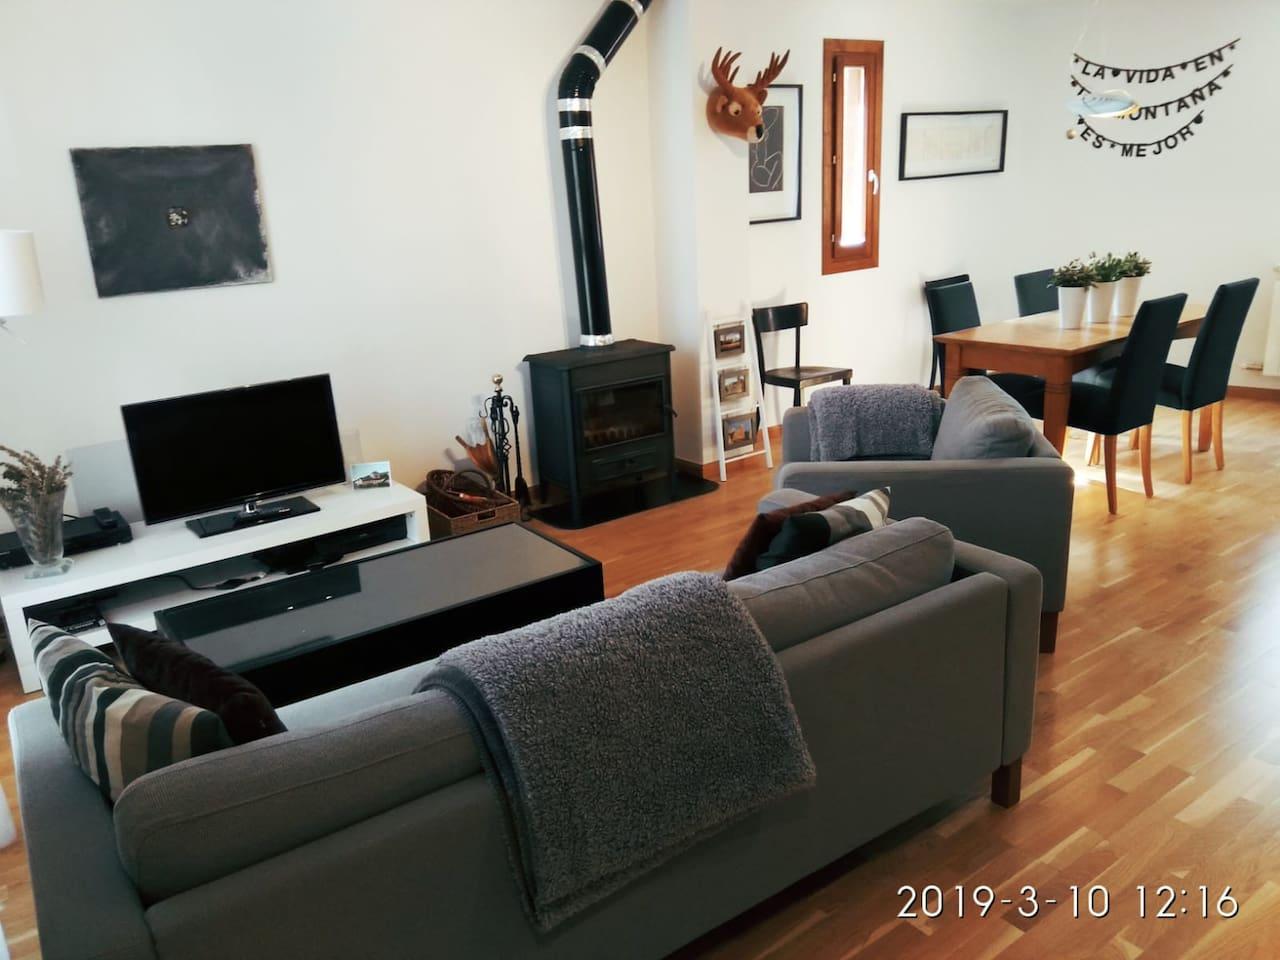 Casa con encanto próxima a Jaca. 140 m2